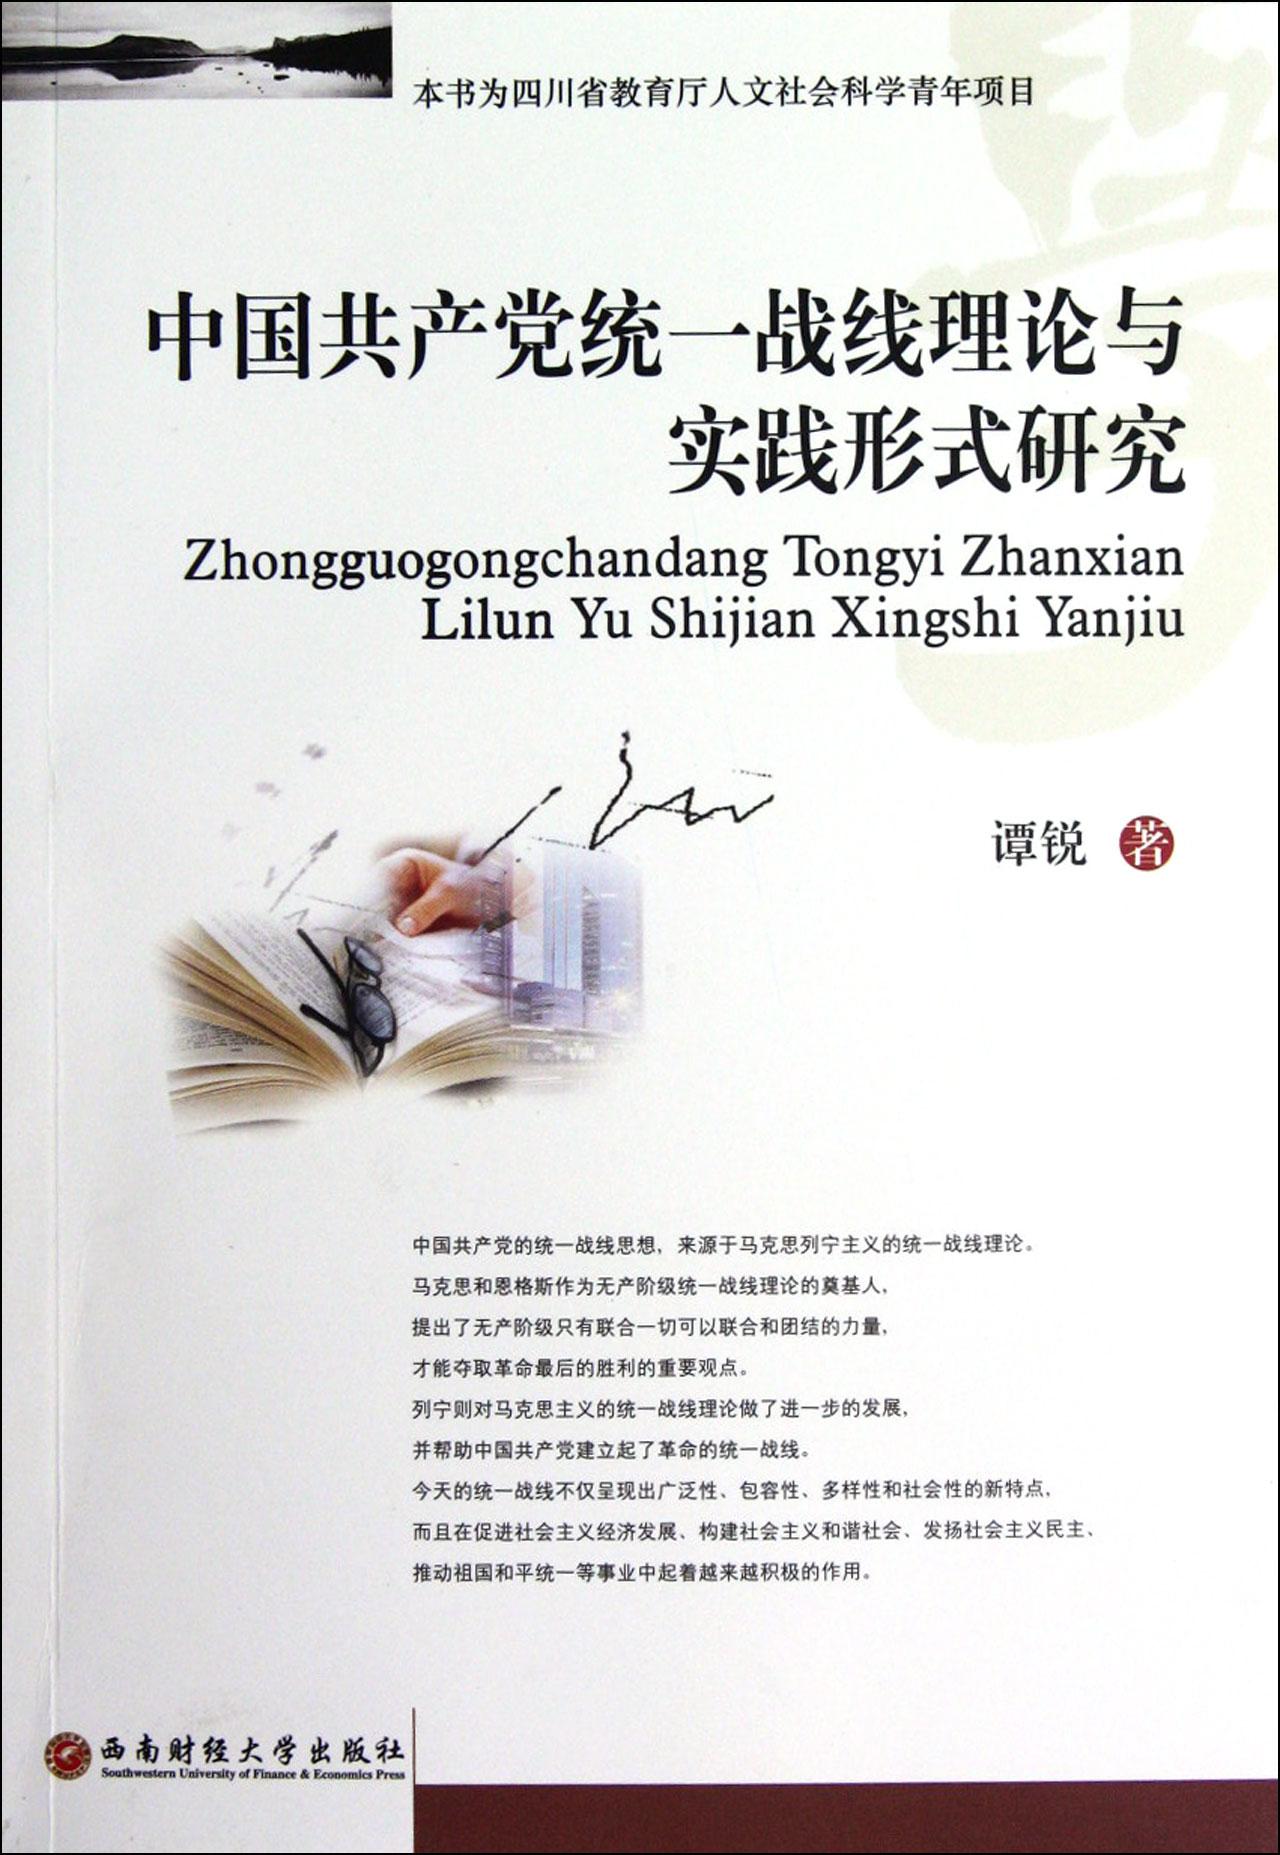 中国共产党统一战线理论与实践形式研究